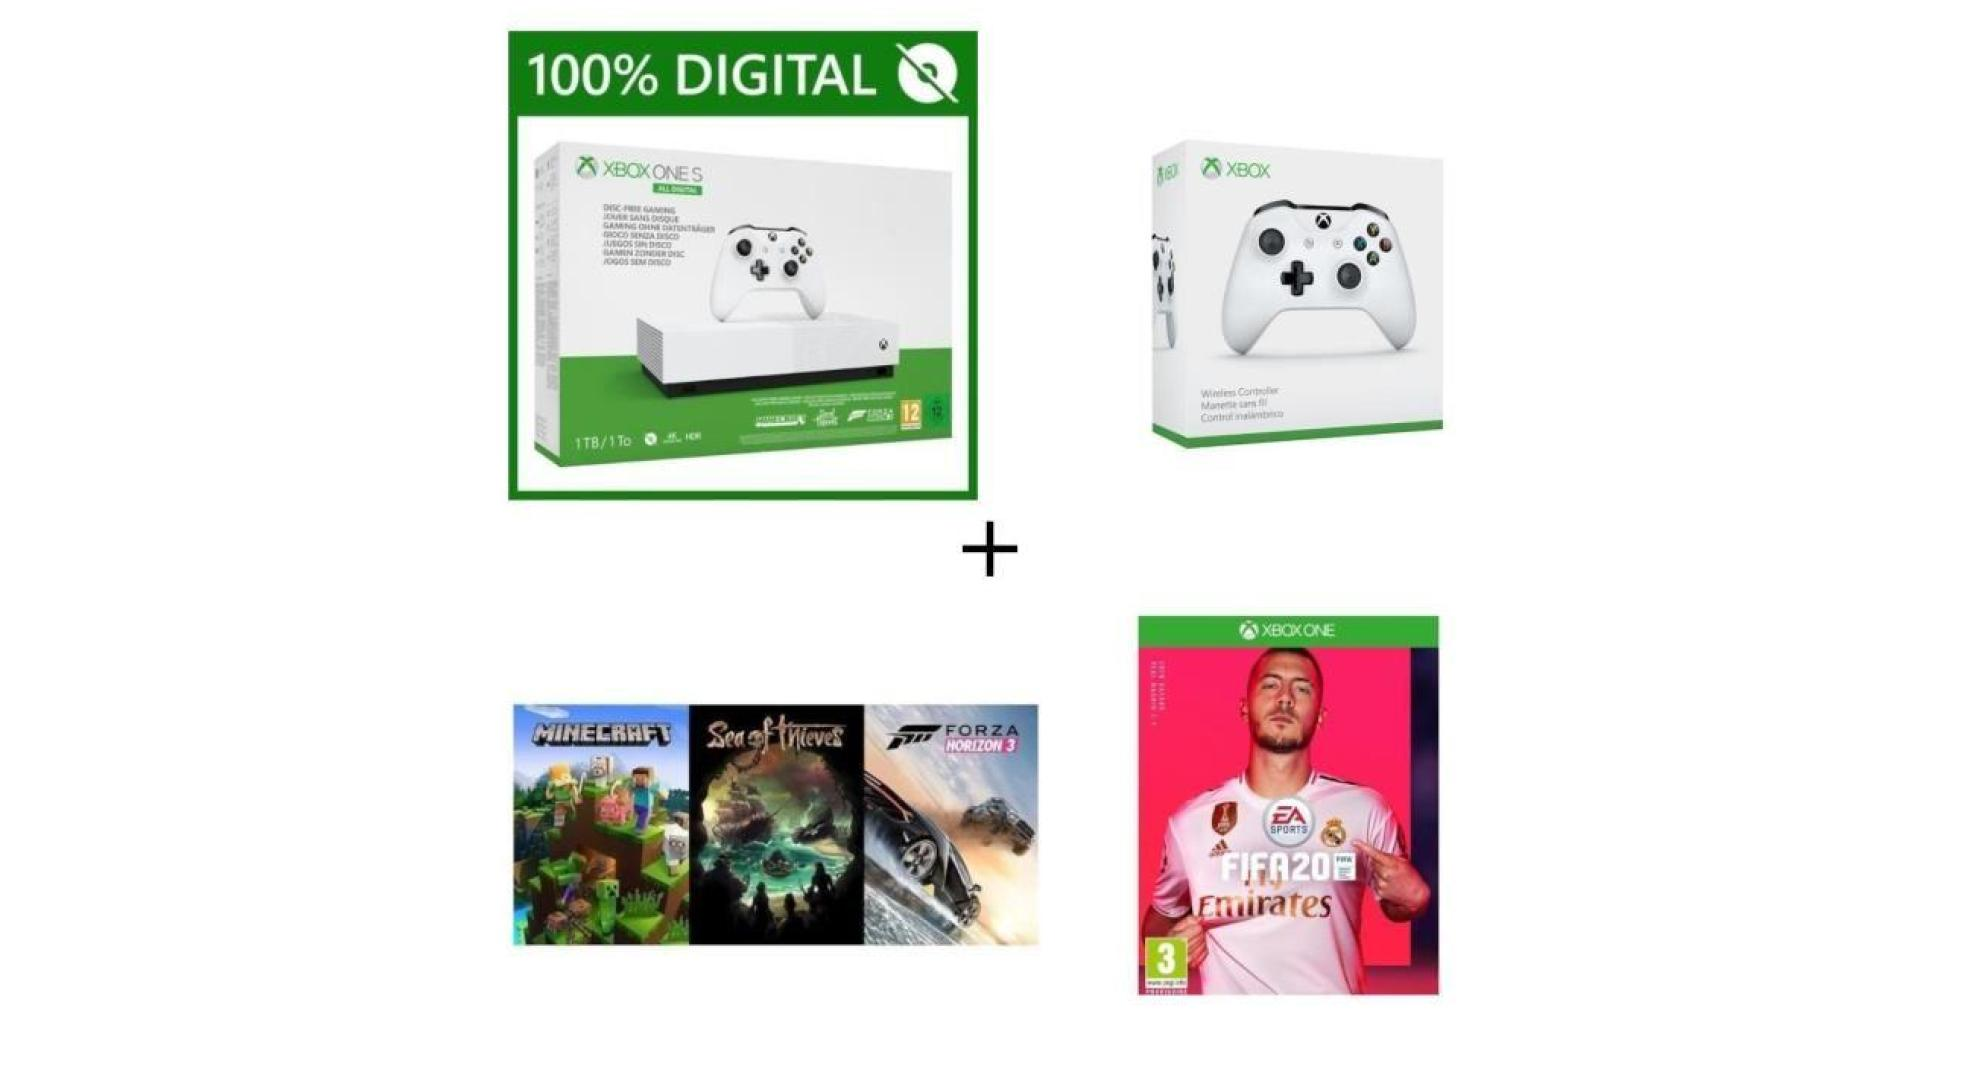 Pour moins de 200 euros vous aurez une Xbox One S all digital, FIFA 20, une autre manette et 3 autres jeux